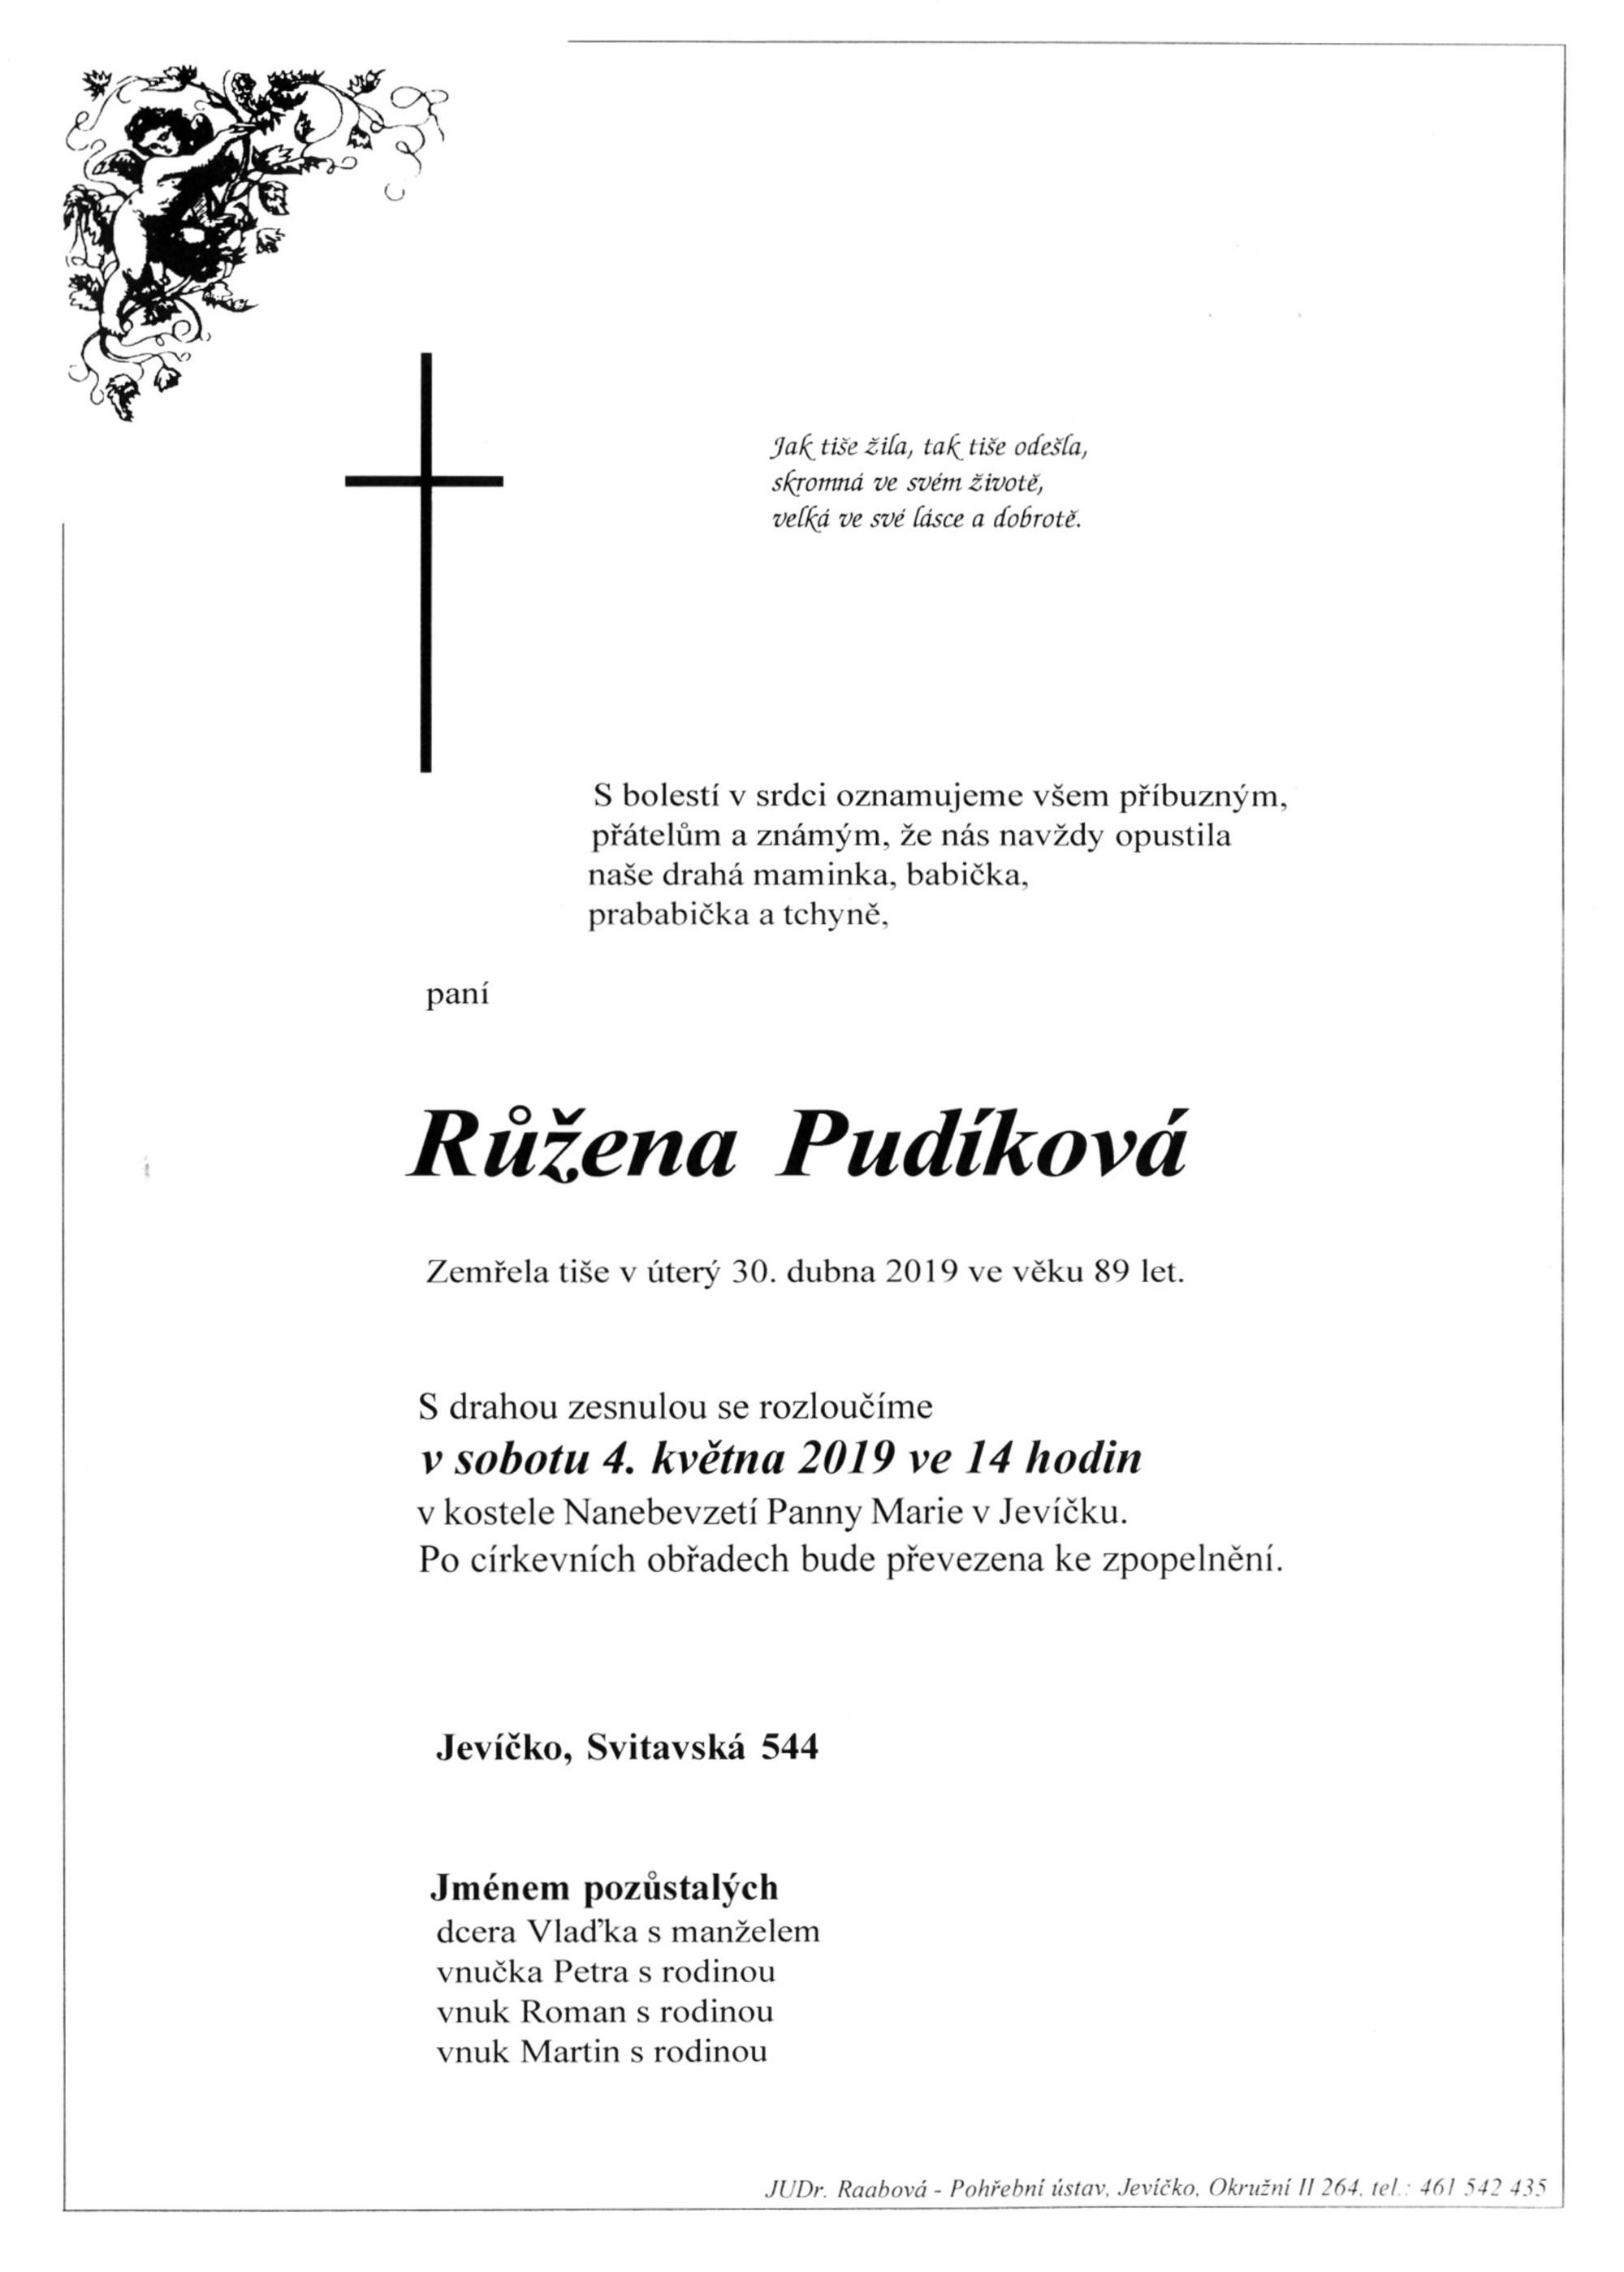 Růžena Pudíková